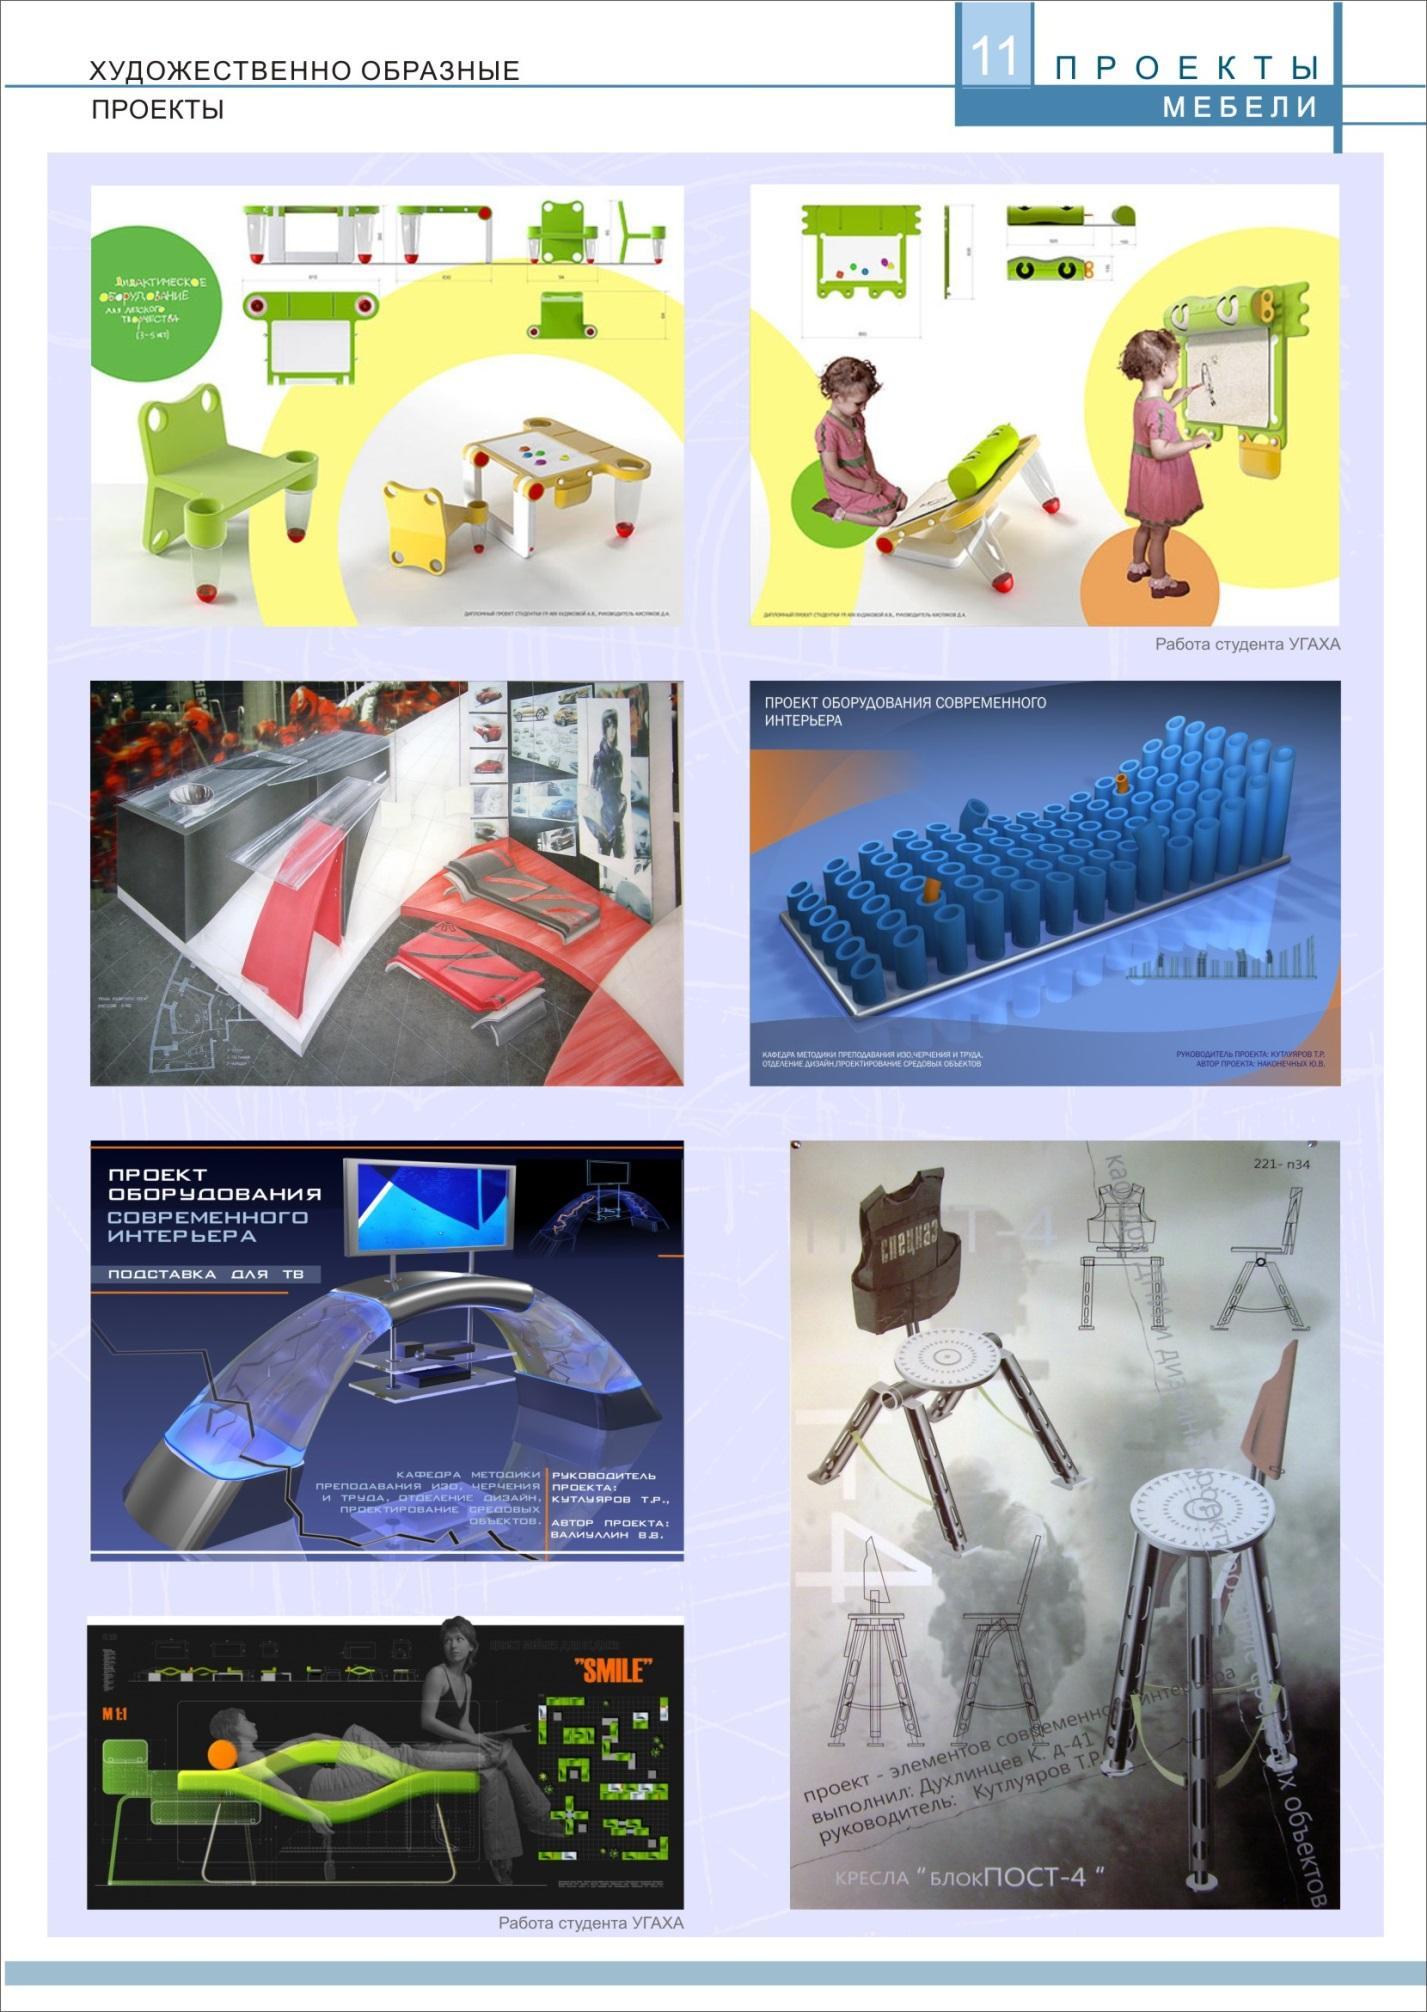 Классификация одежды и её проектирование моделирование и  Существует несколько таких программ woody Базис Конструктор Мебельщик k3 Мебель exponent furniture designer bcad Мебельщик kitchendraw